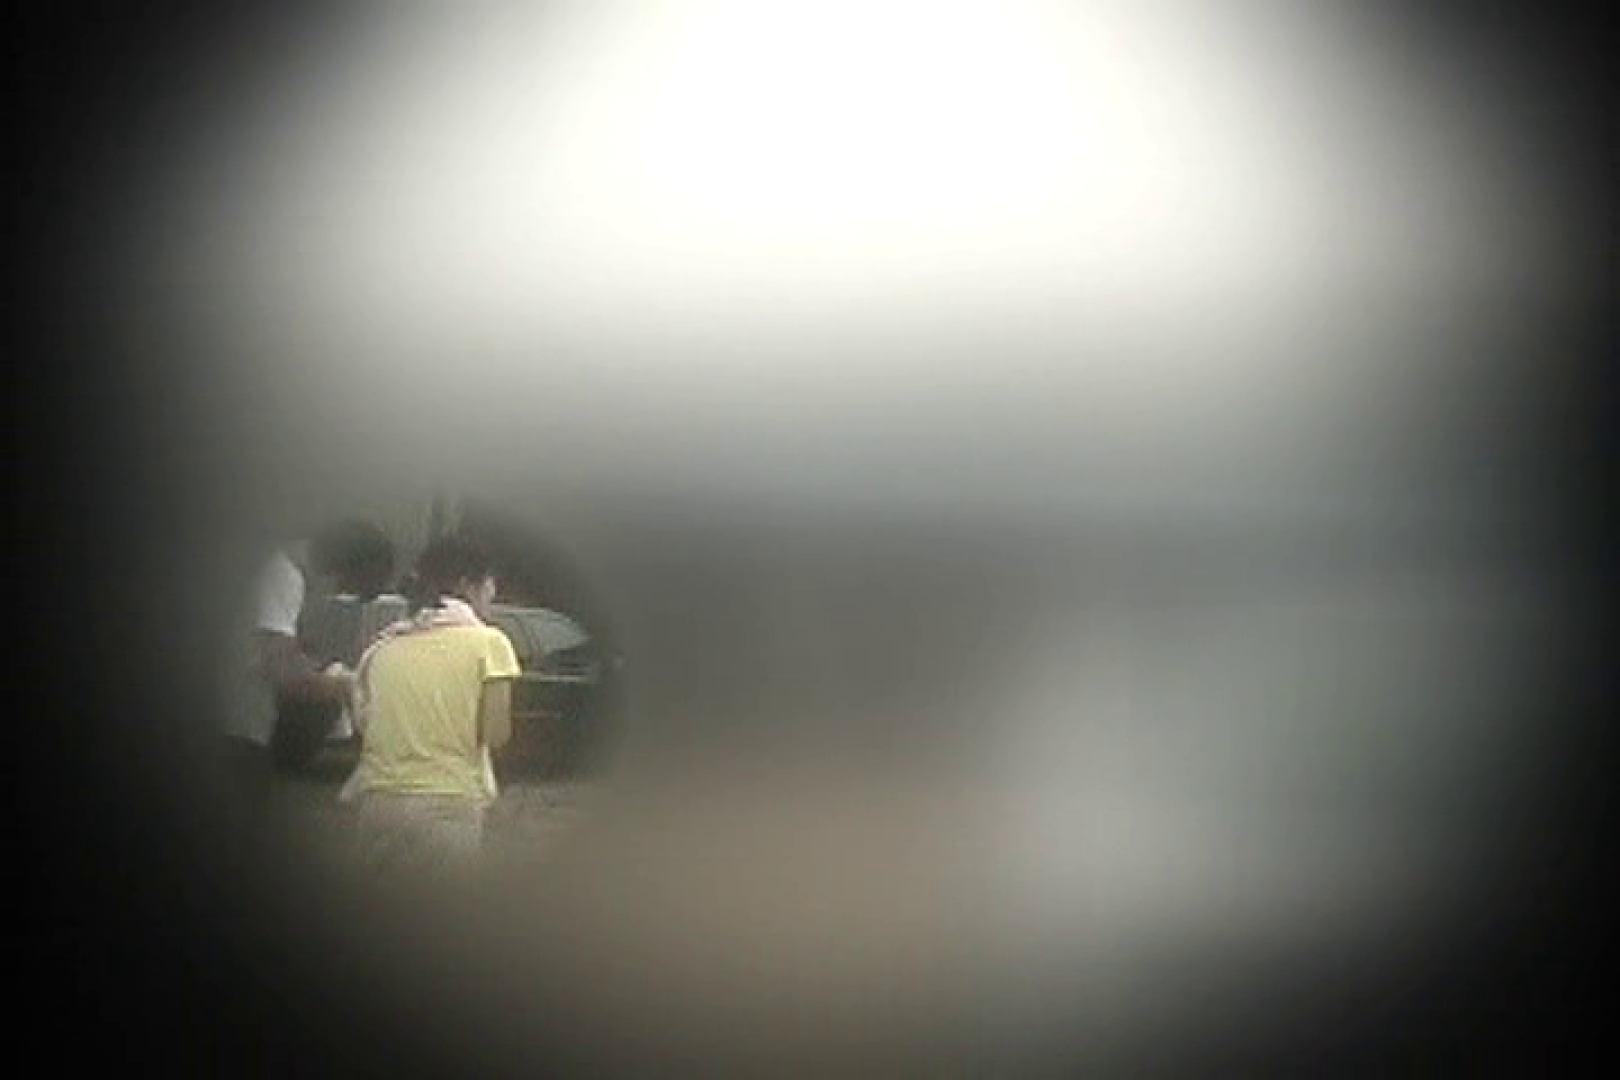 サターンさんのウル技炸裂!!夏乙女★海の家シャワー室絵巻 Vol.02 シャワー エロ無料画像 95枚 53